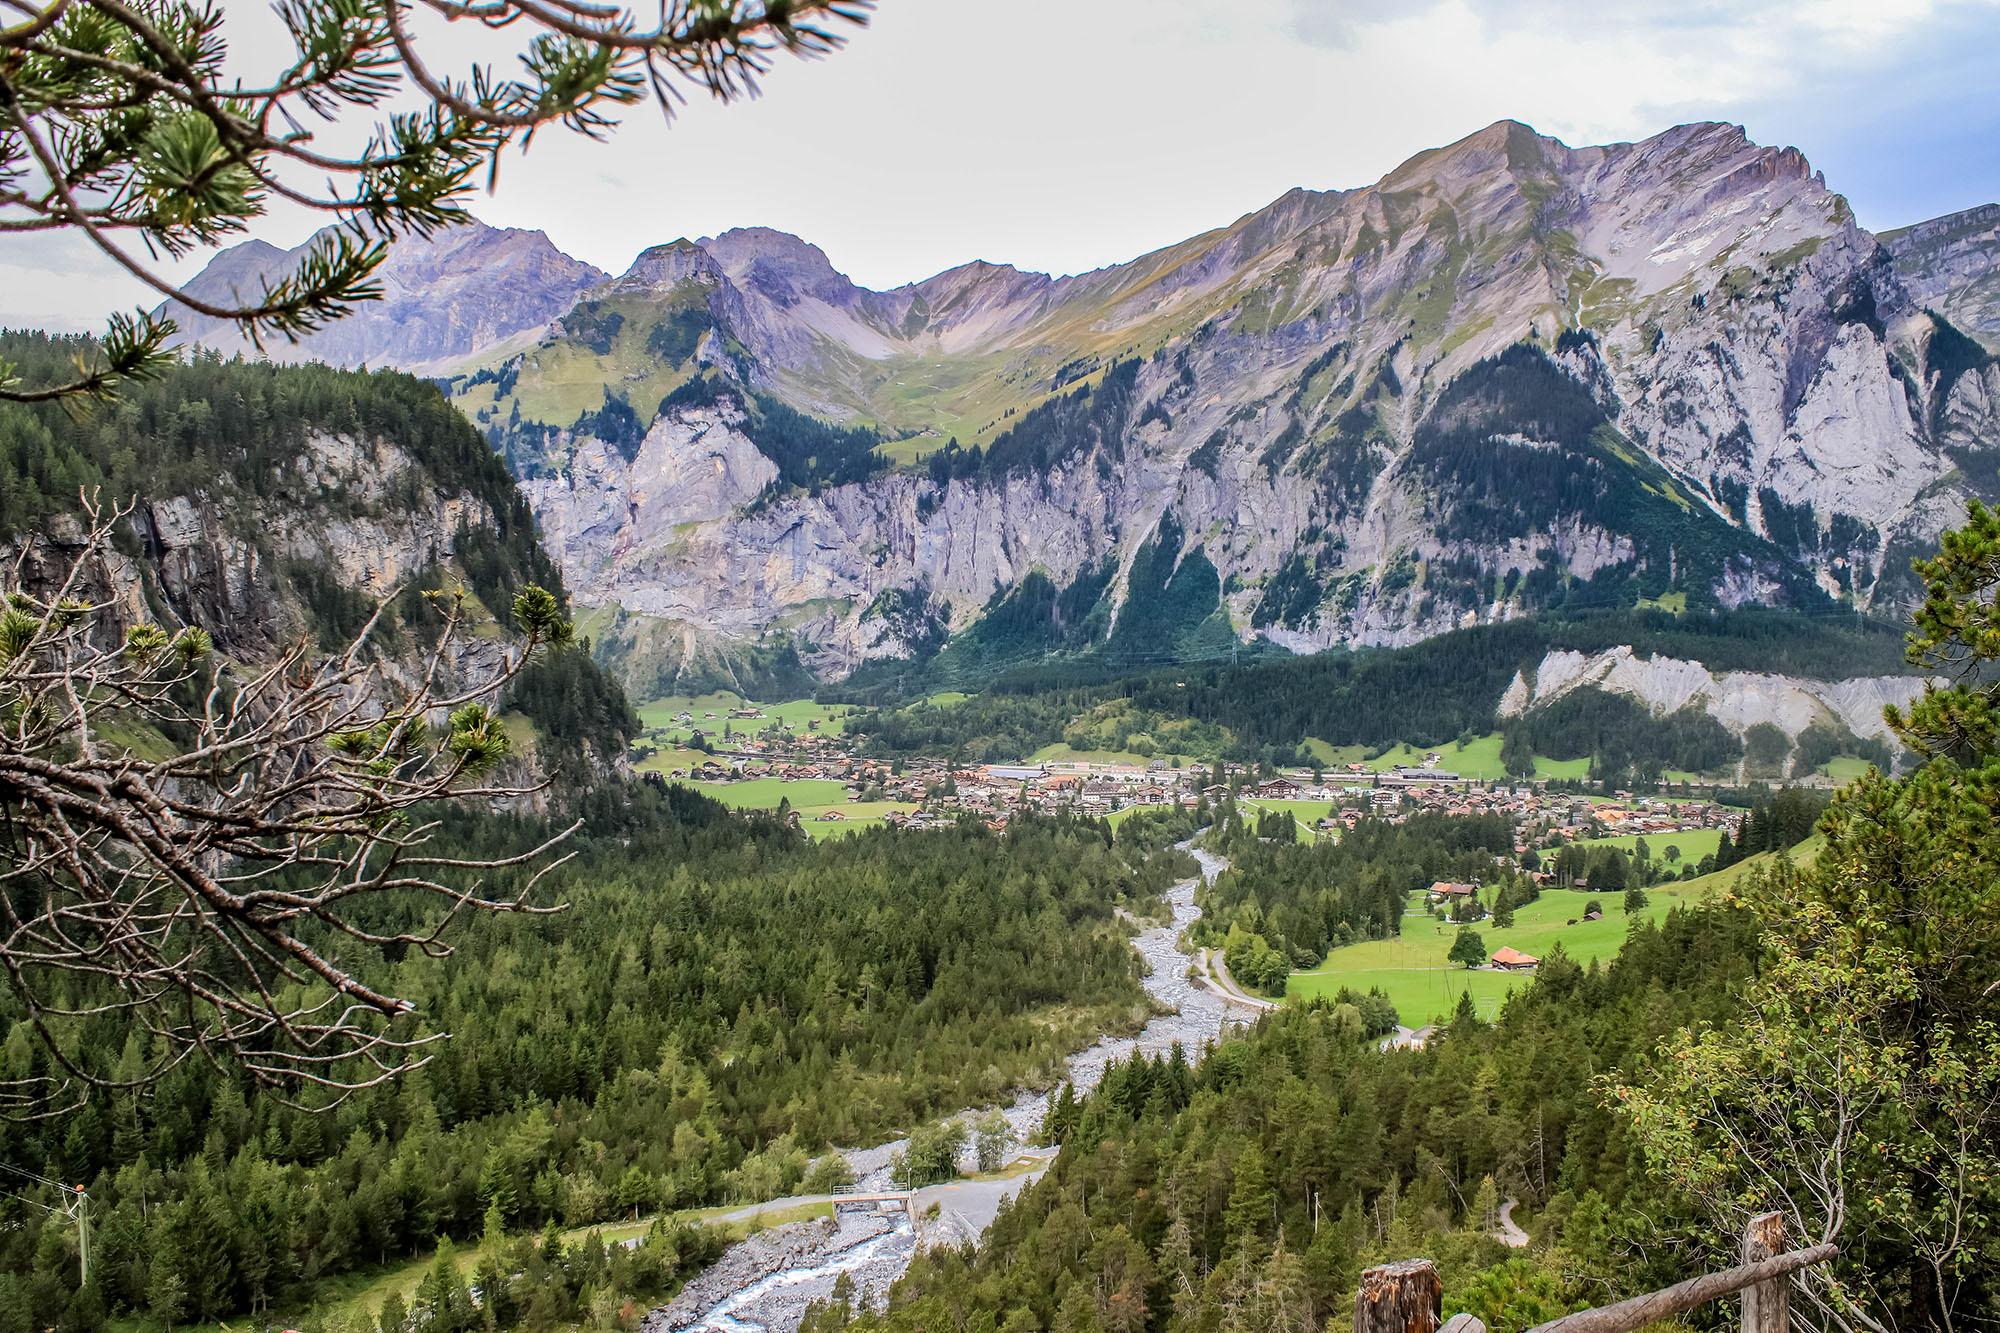 Suisse : 4 endroits à voir (Randonnées & Villes)